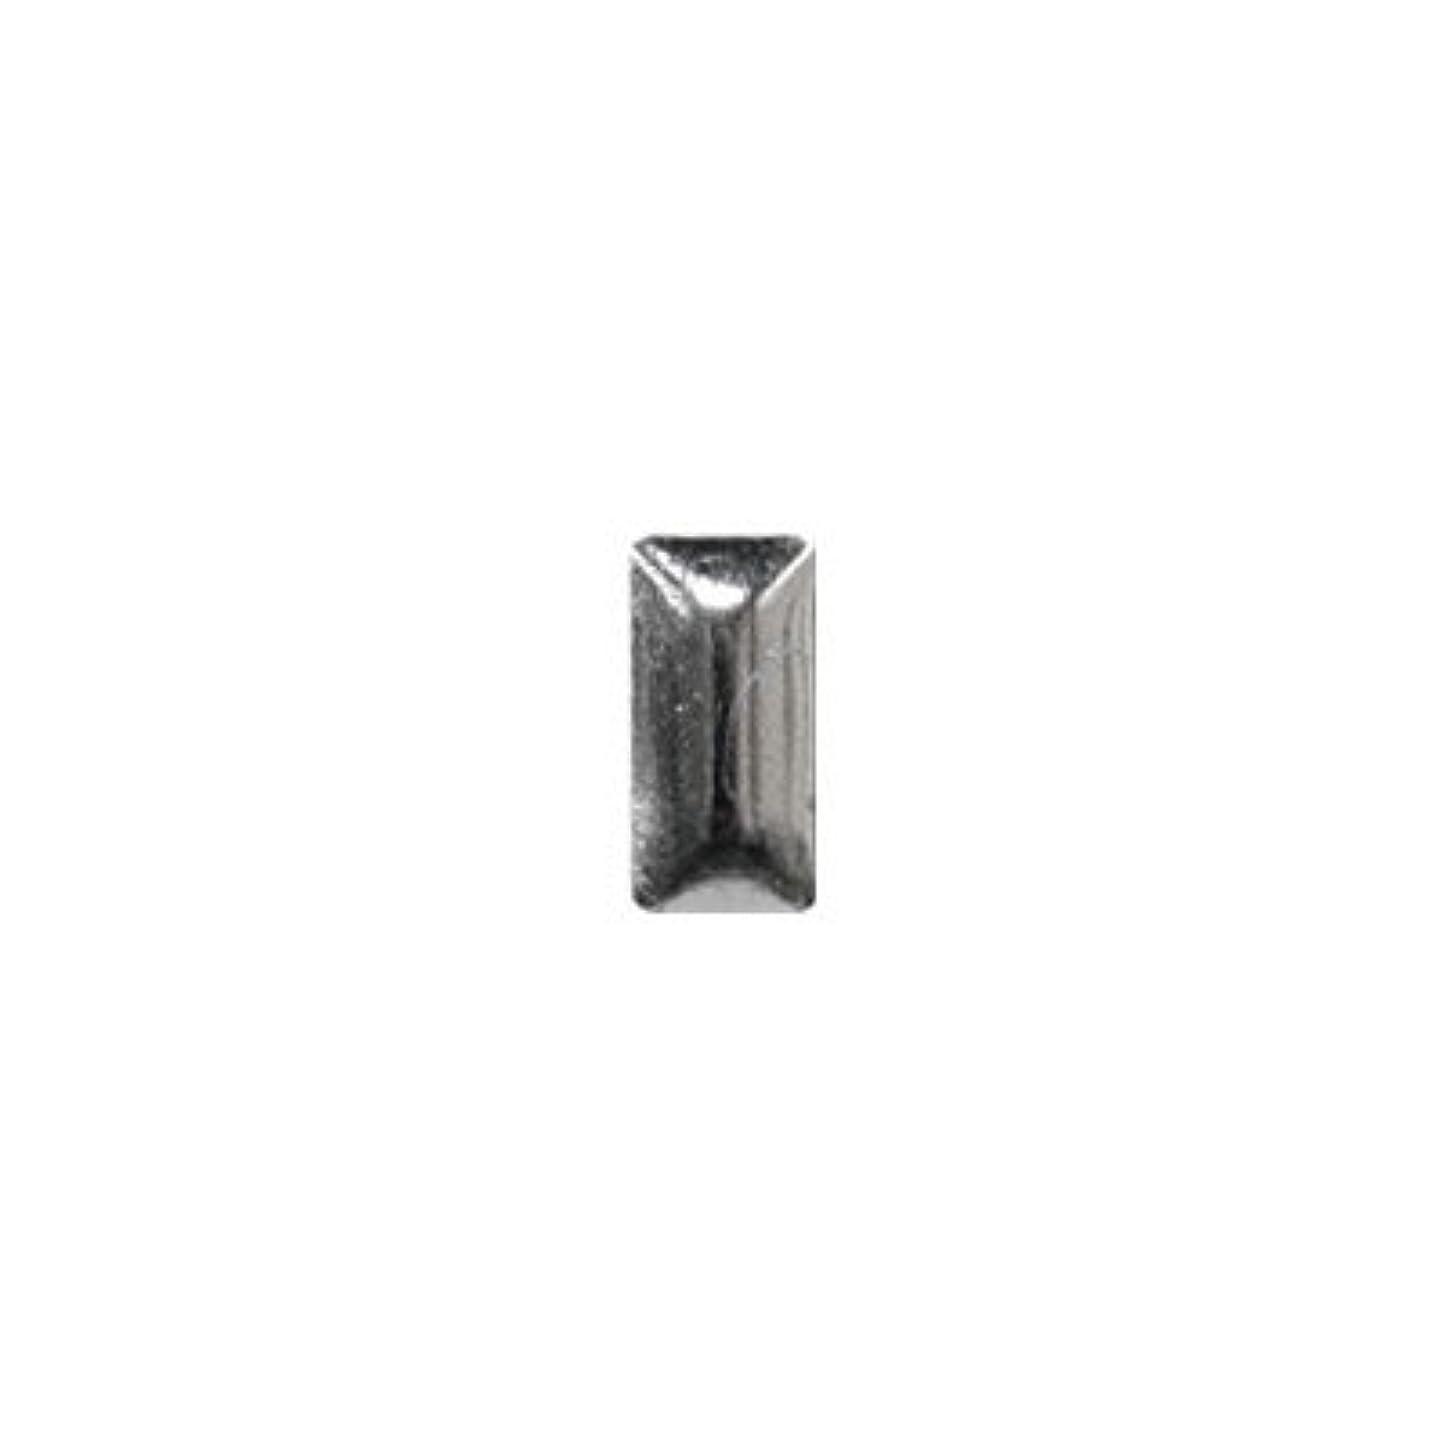 フルーティー即席深めるピアドラ スタッズ メタル長方形 2×4mm 50P シルバー